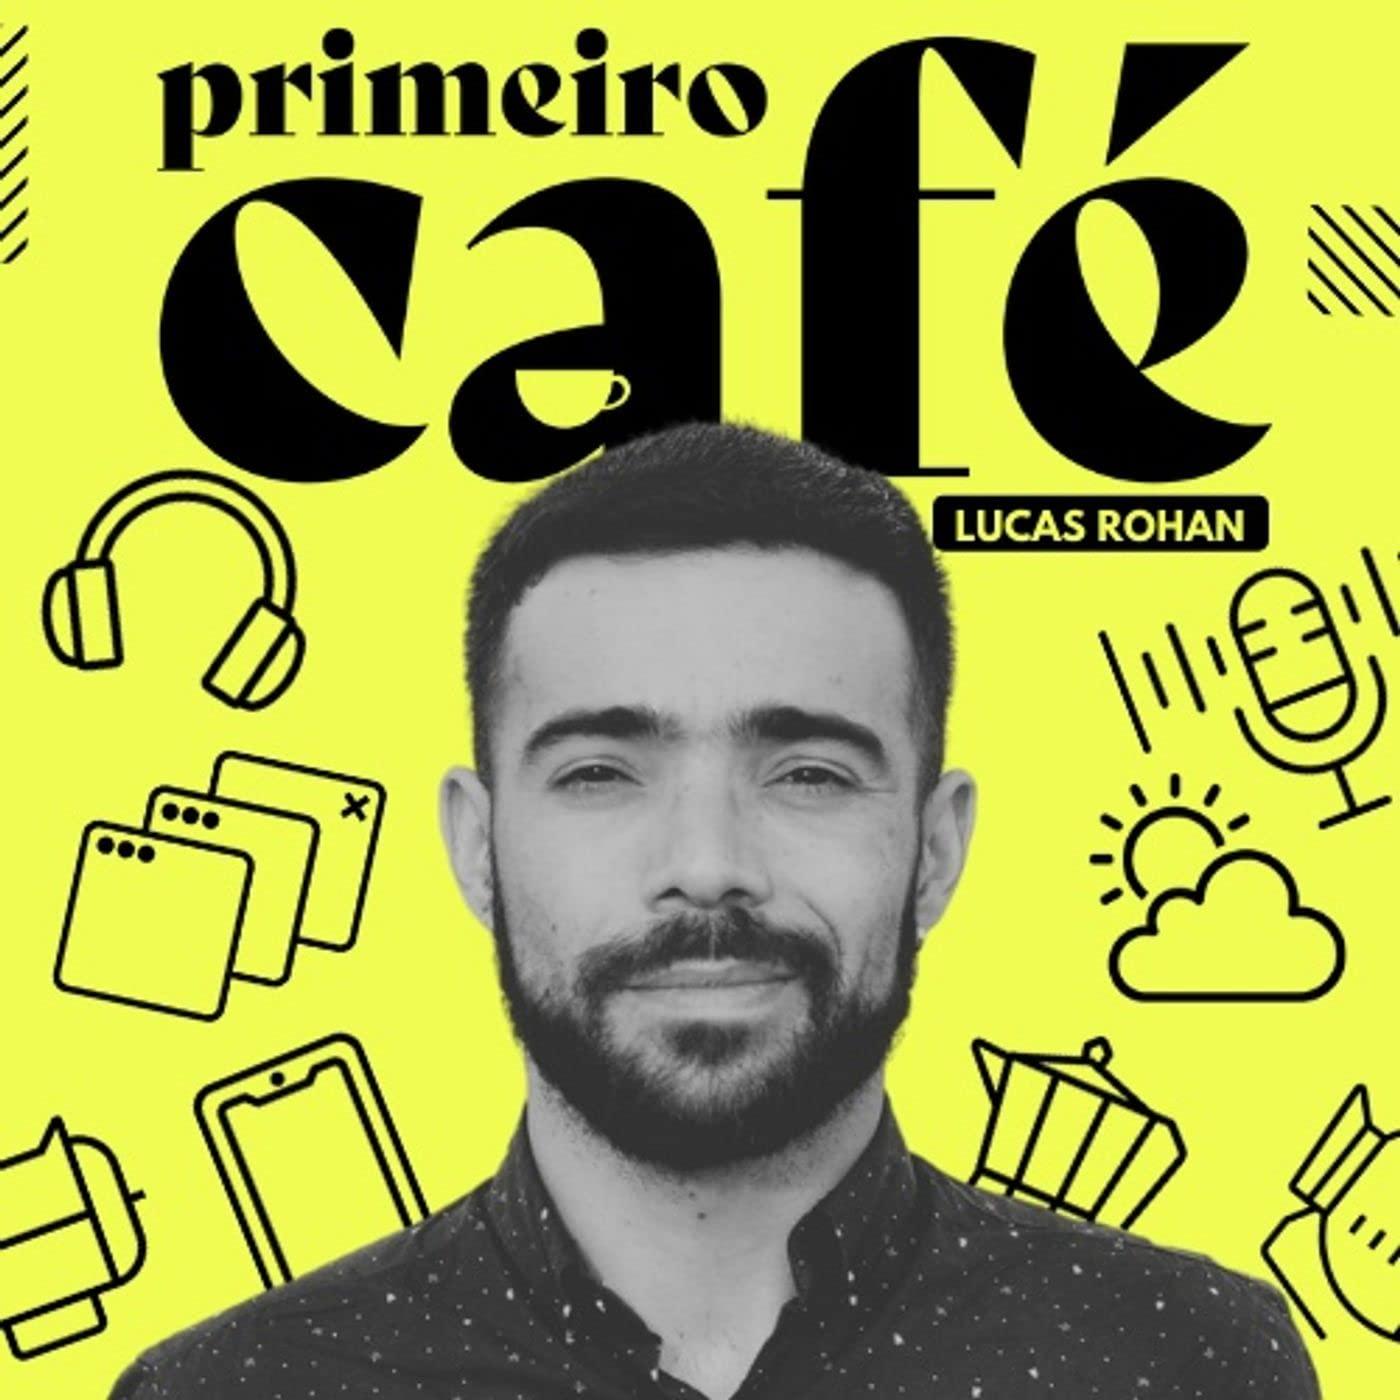 Primeiro Café